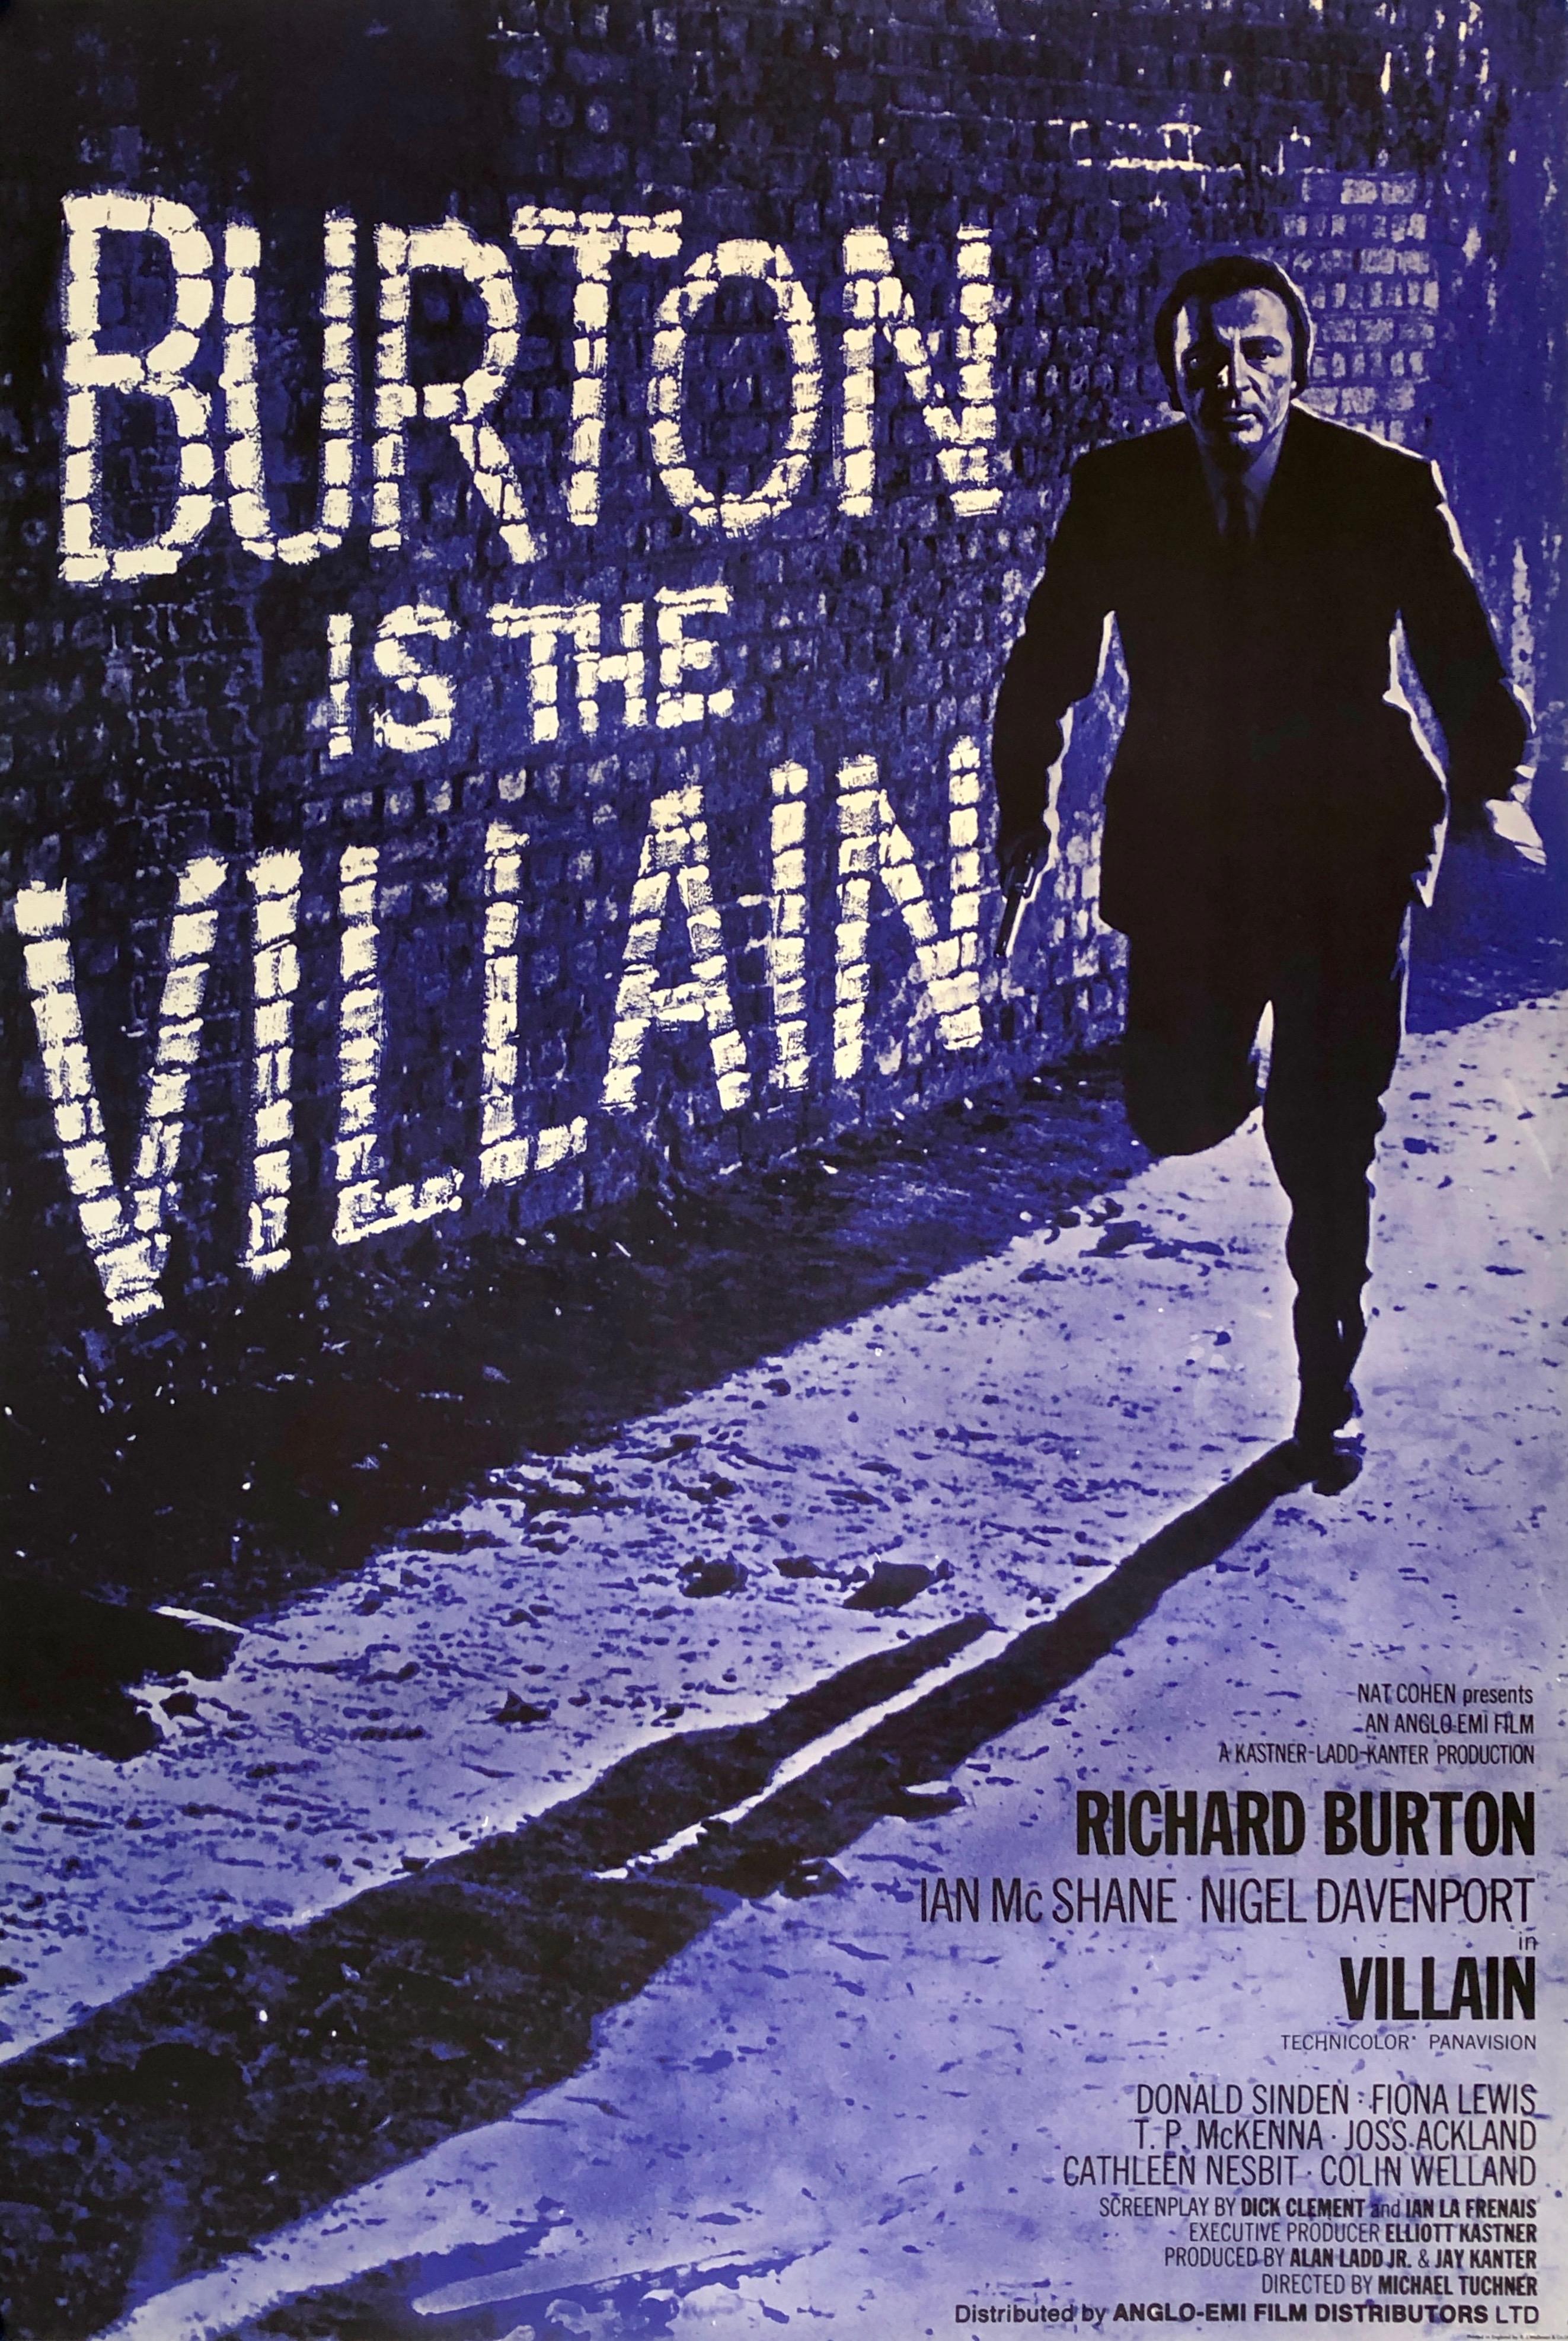 Villain-British-One-Sheet-Movie-Poster